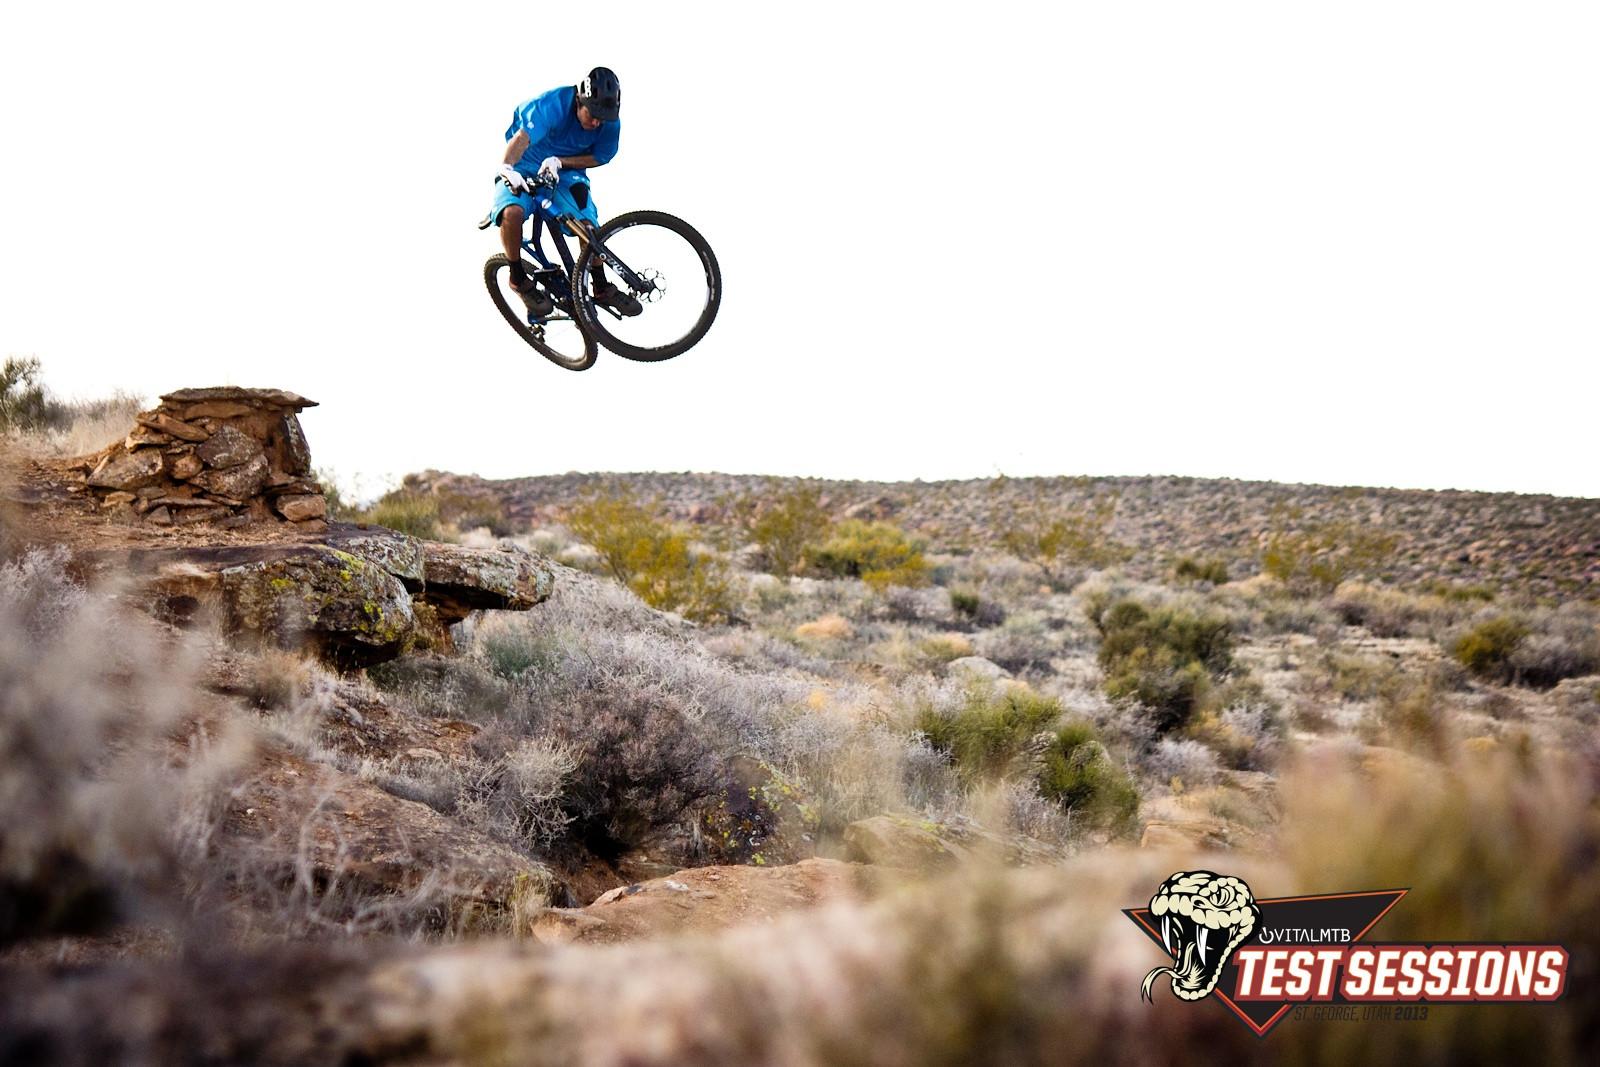 2013 Niner RIP 9 RDO - Vital MTB Test Sessions - 2013 Niner RIP 9 RDO - Vital MTB Test Sessions - Mountain Biking Pictures - Vital MTB